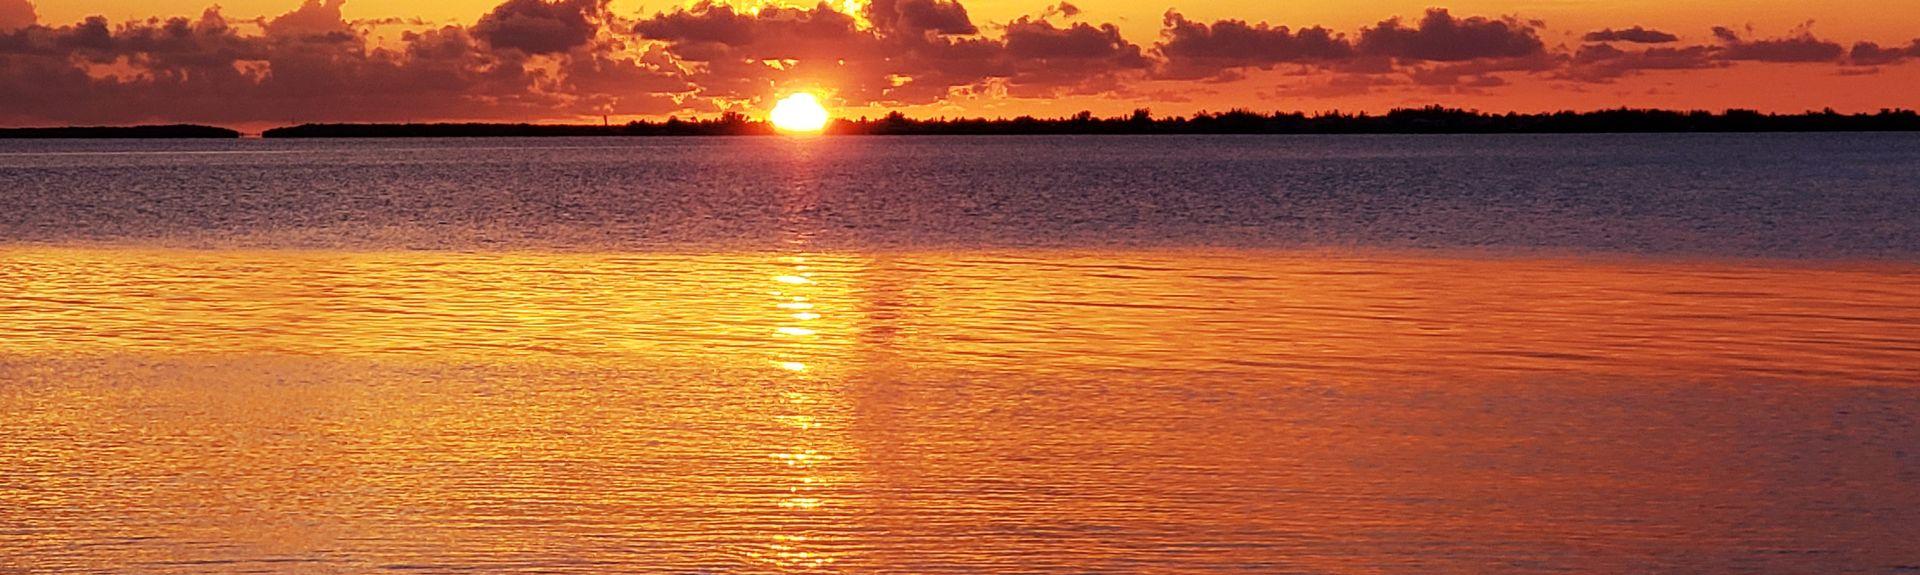 Sanibel Siesta, Sanibel, Florida, United States of America